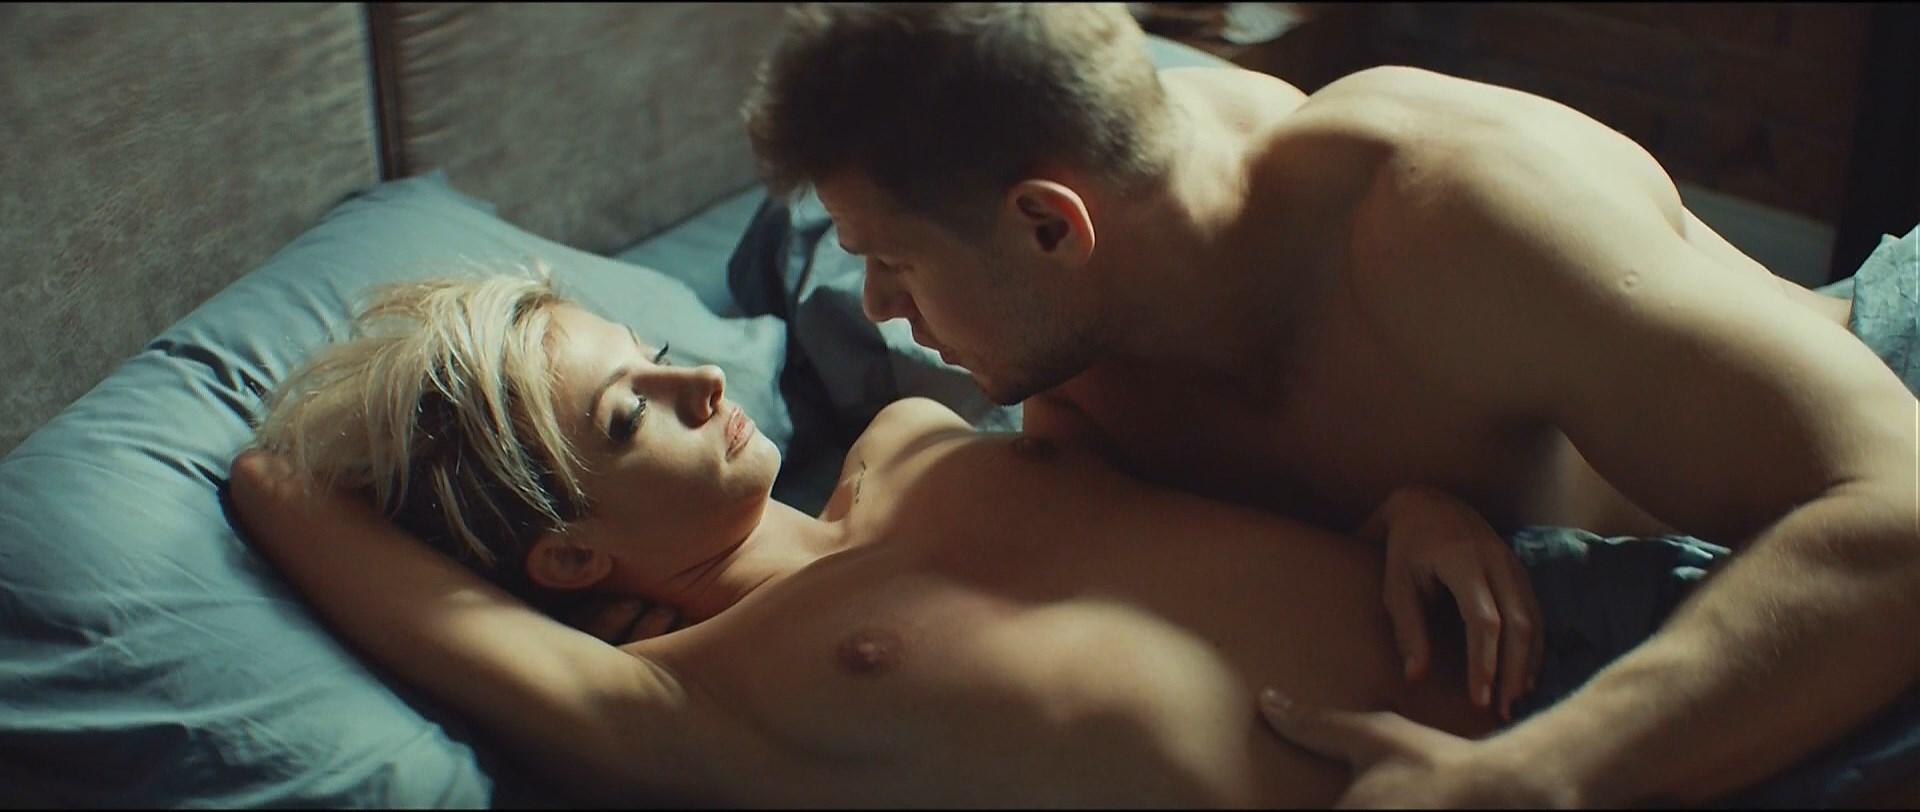 Polina Maksimova nude - Without Me (2018)